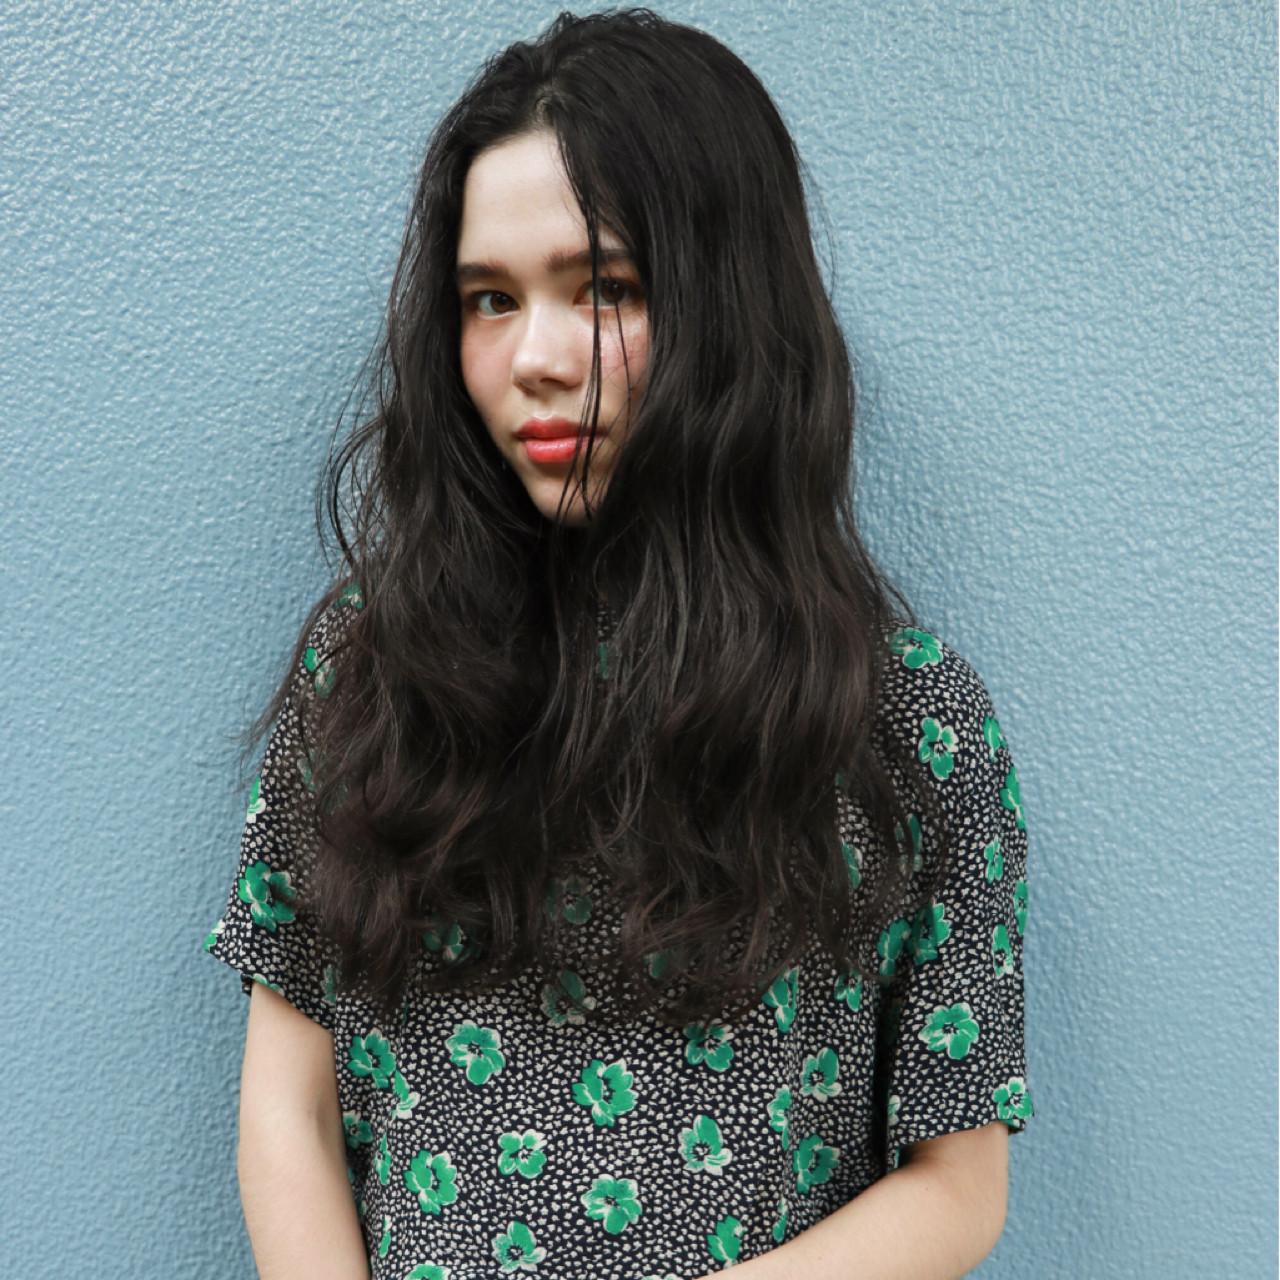 时尚 正文  在今年冬季推荐给长发女子的是时尚浪漫外国人魅力发型!图片